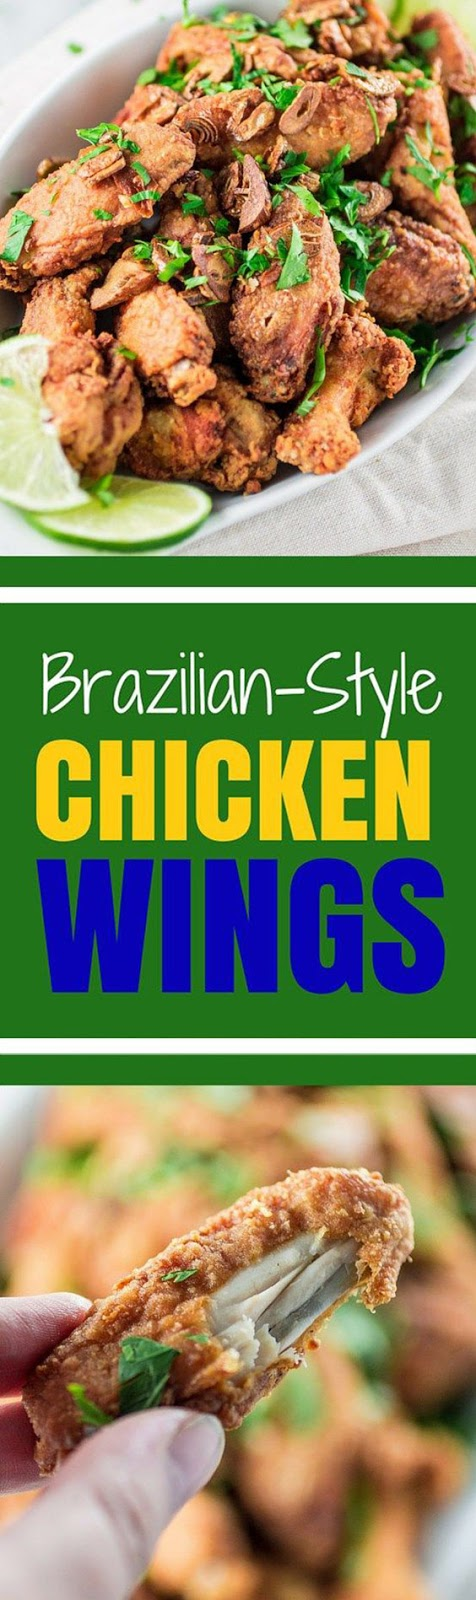 Brazilian Style Chicken Wings